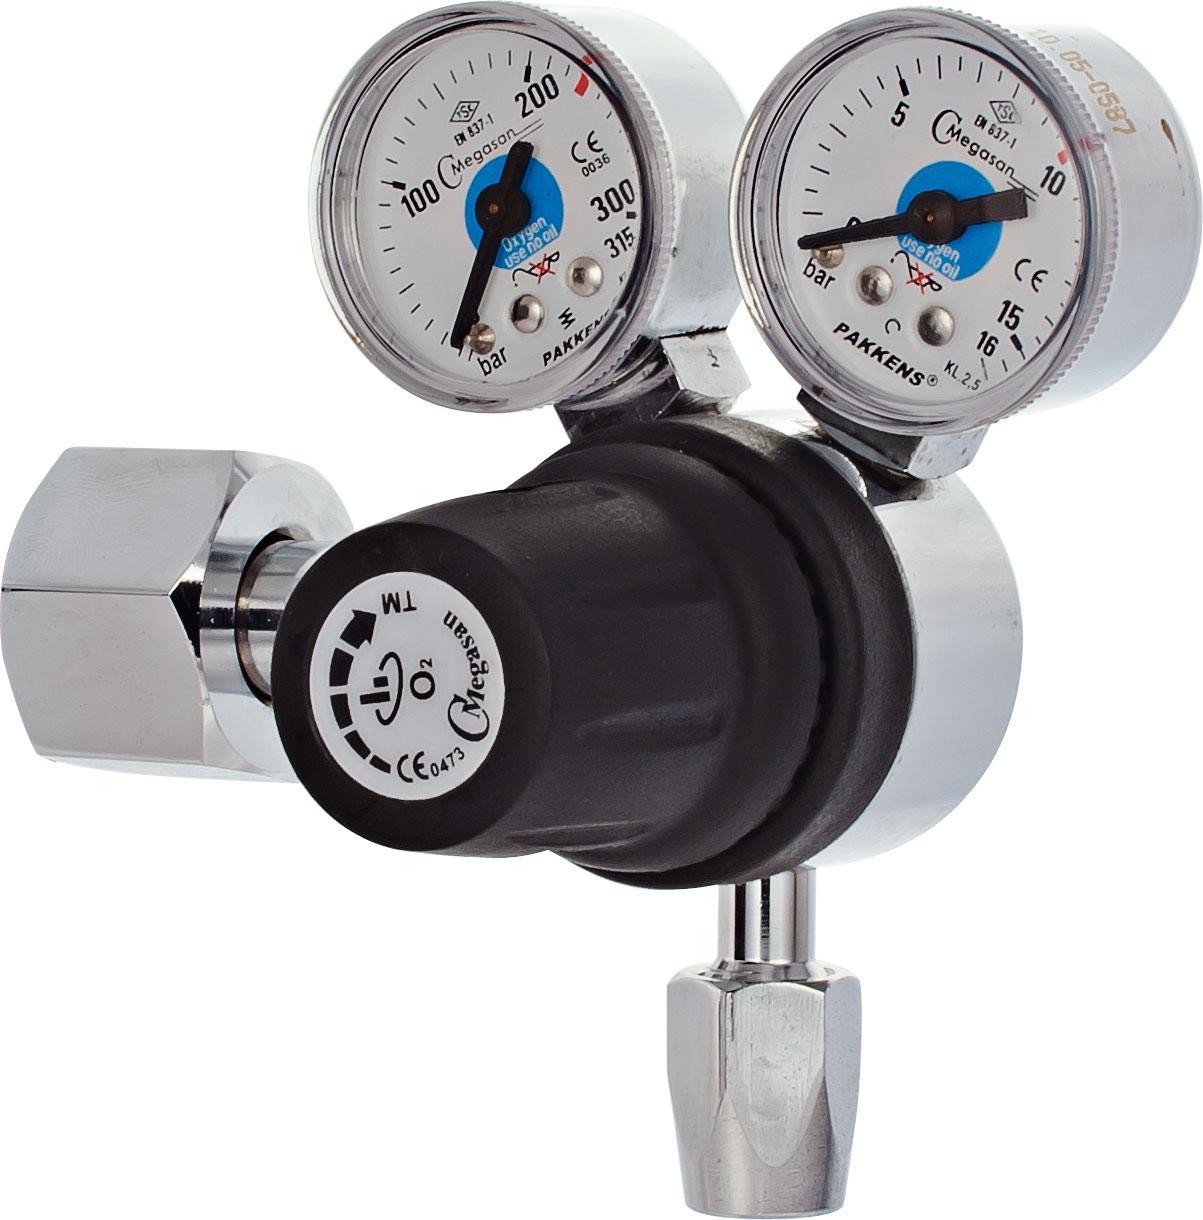 Регулятор высокого давления балонный, кислород